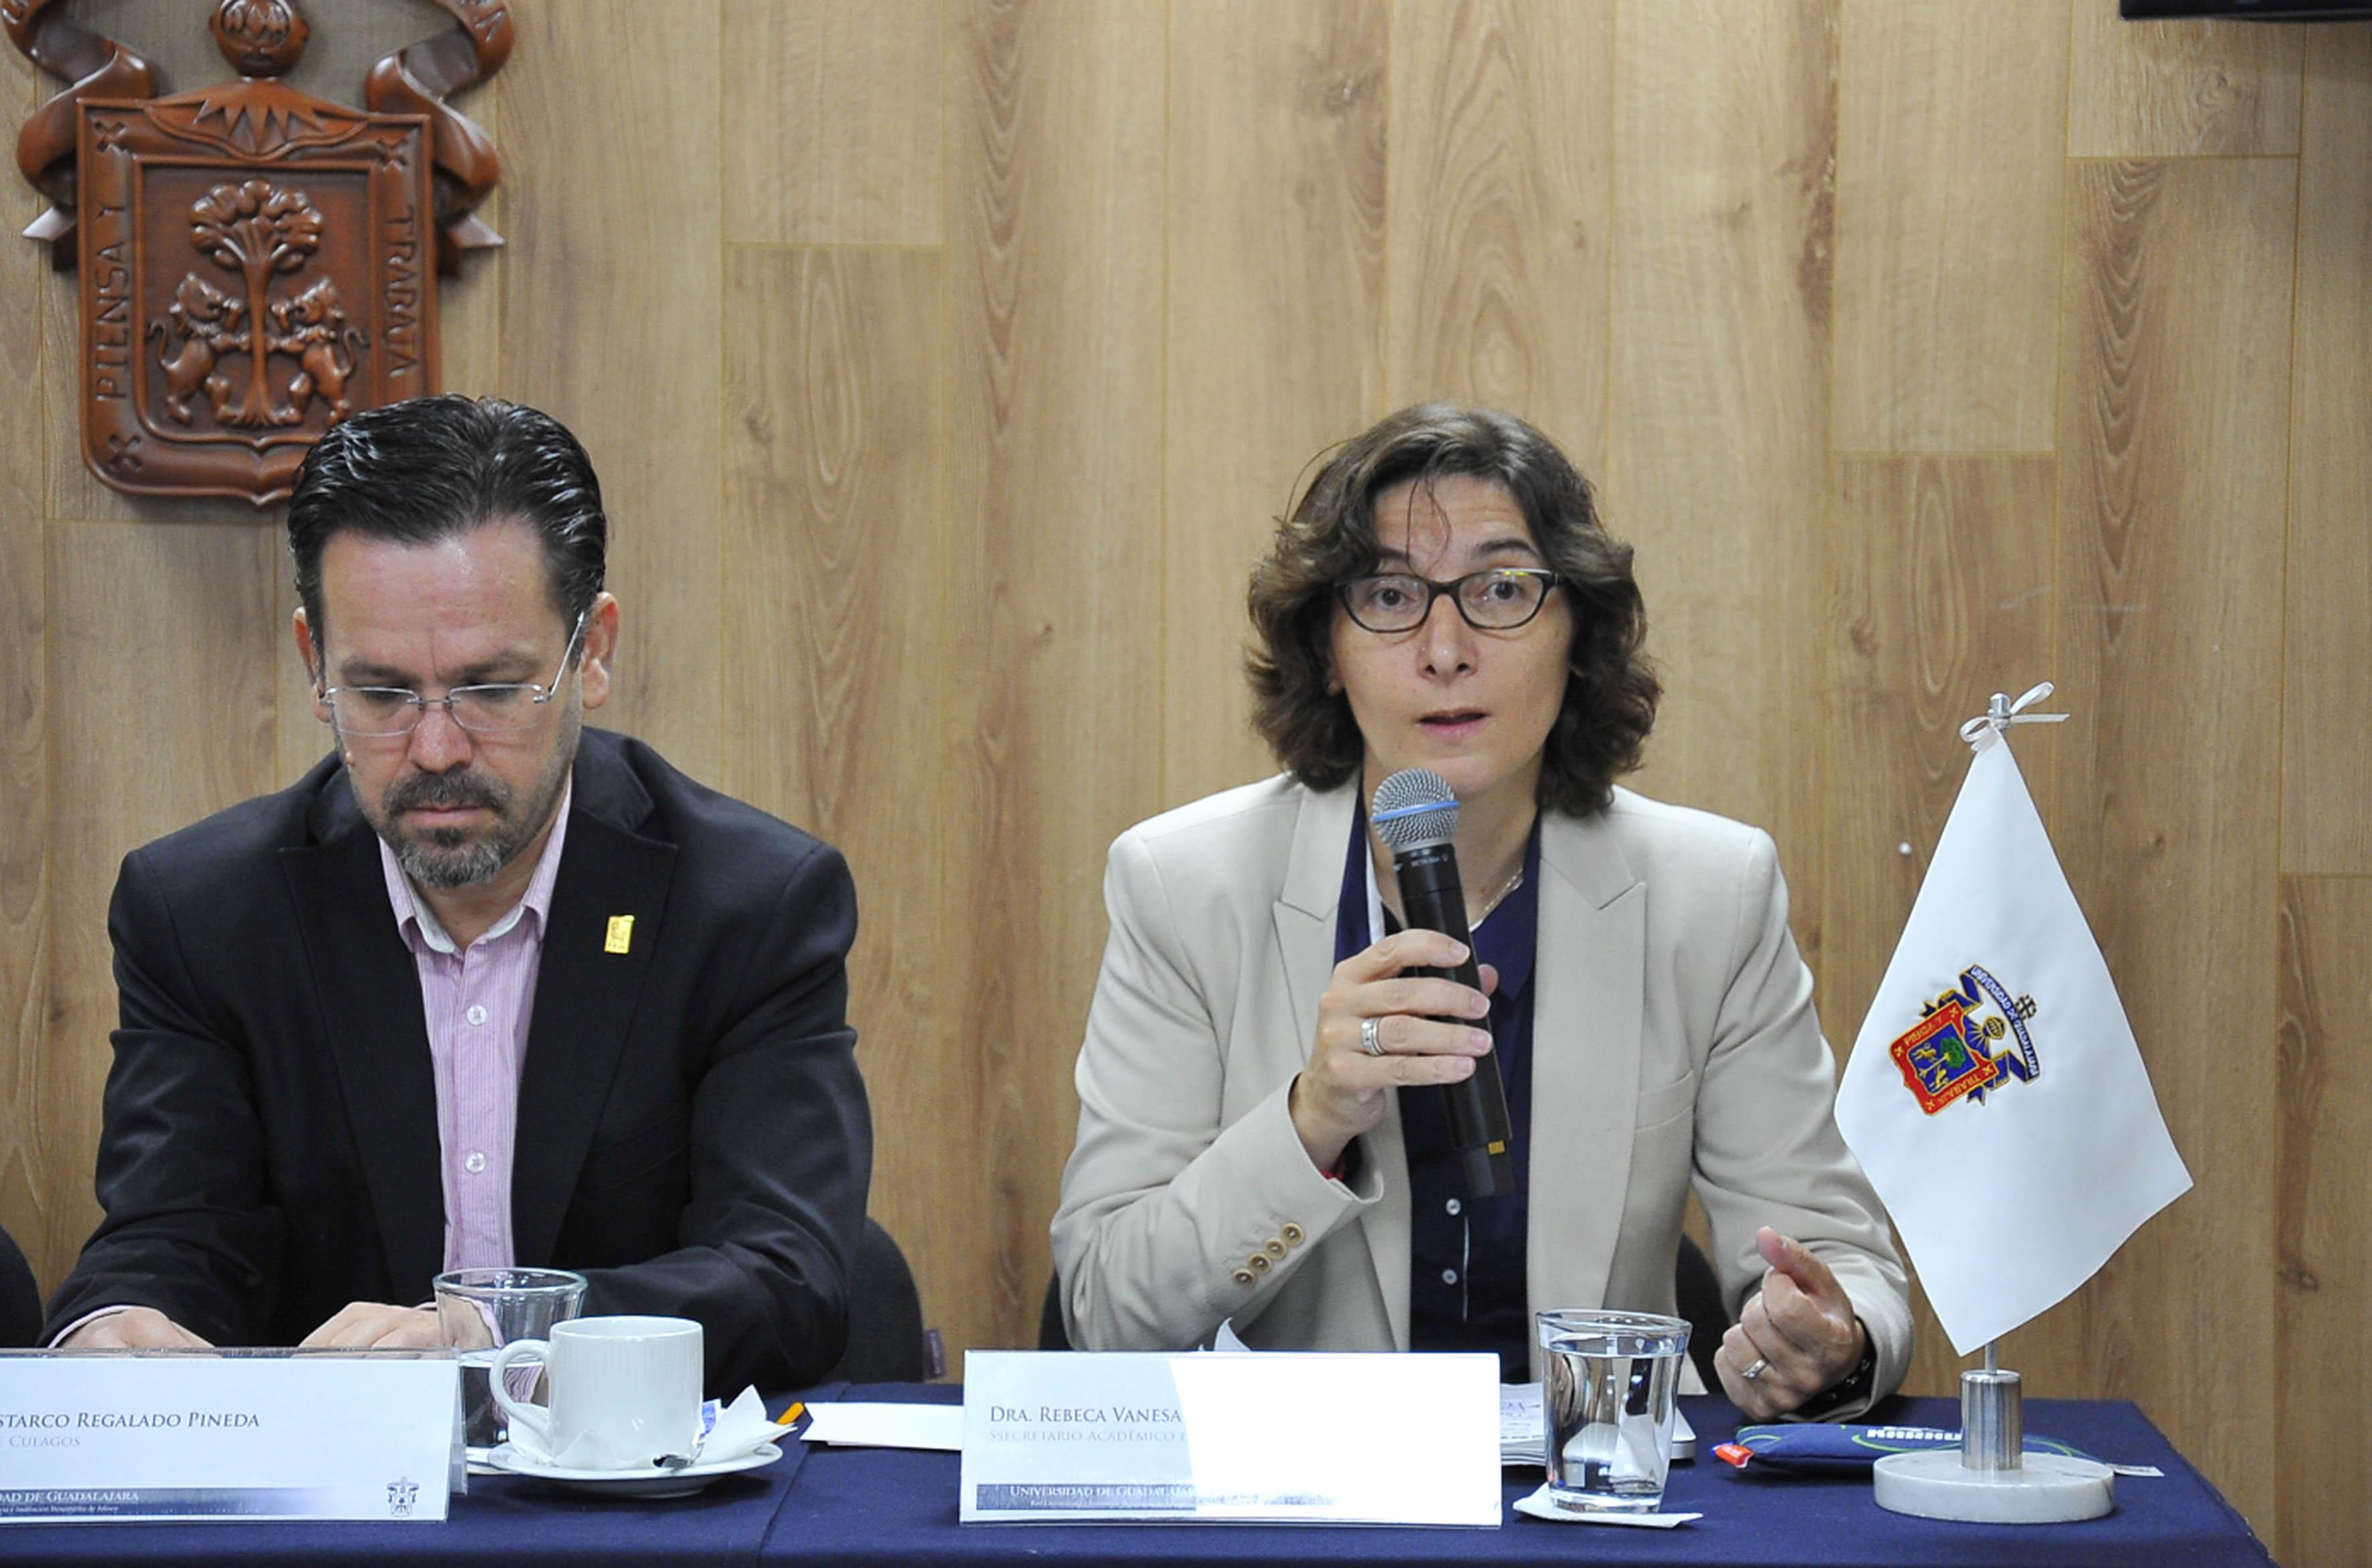 Dra. Rebeca Vanessa García Corso hacedno uso de la palabra